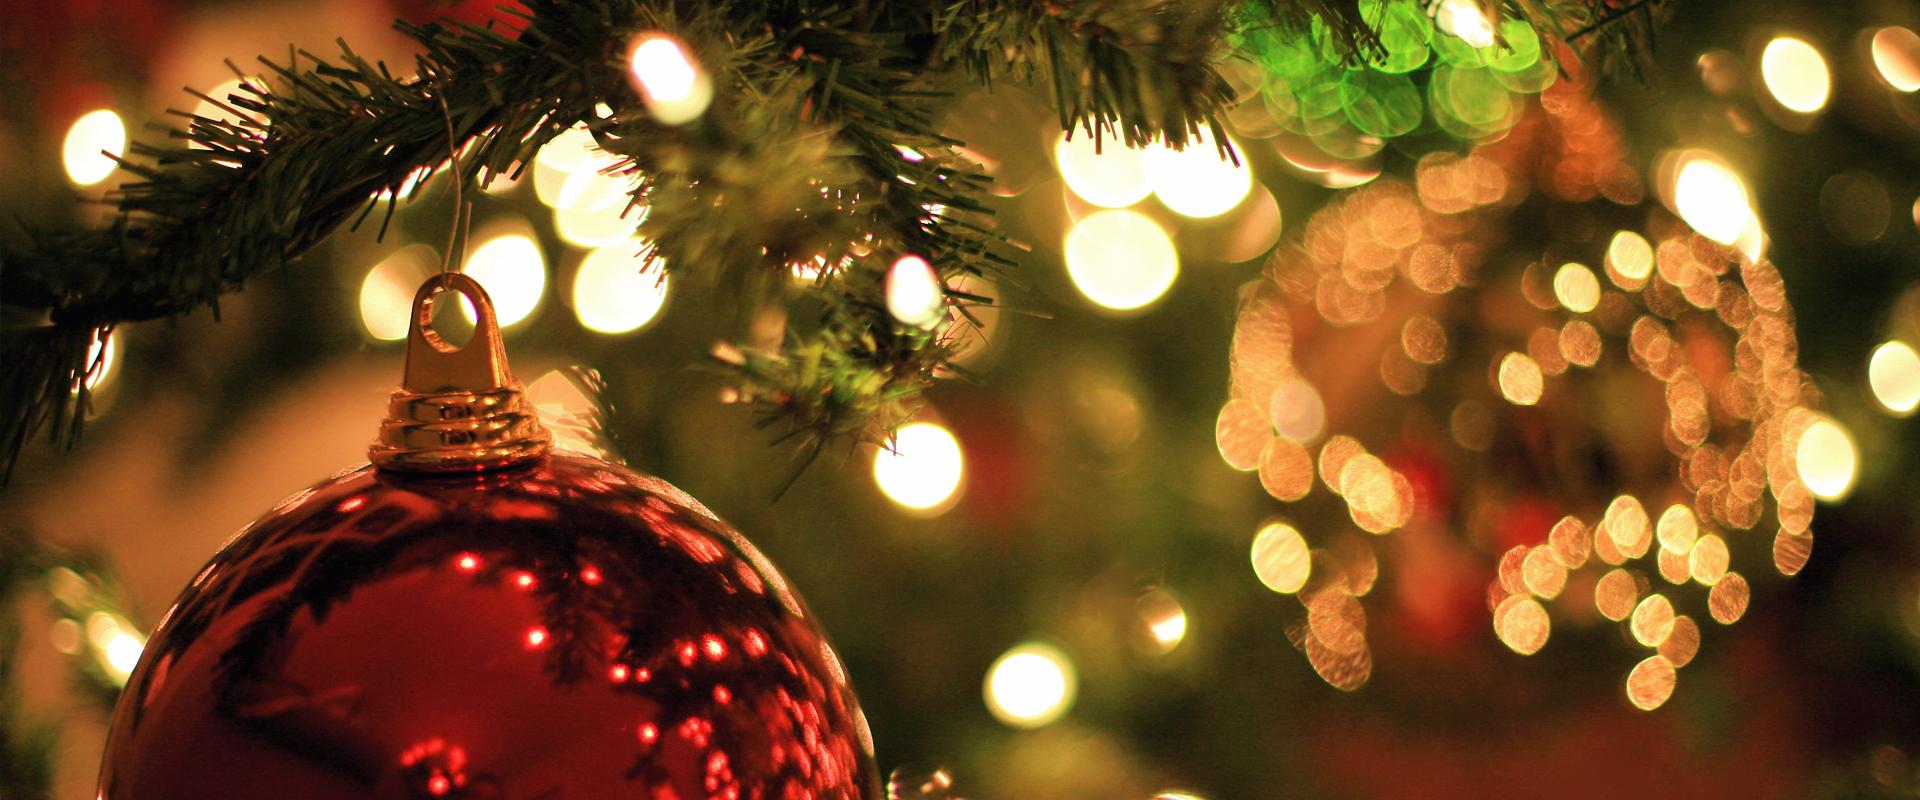 Kerst T Vermaeck